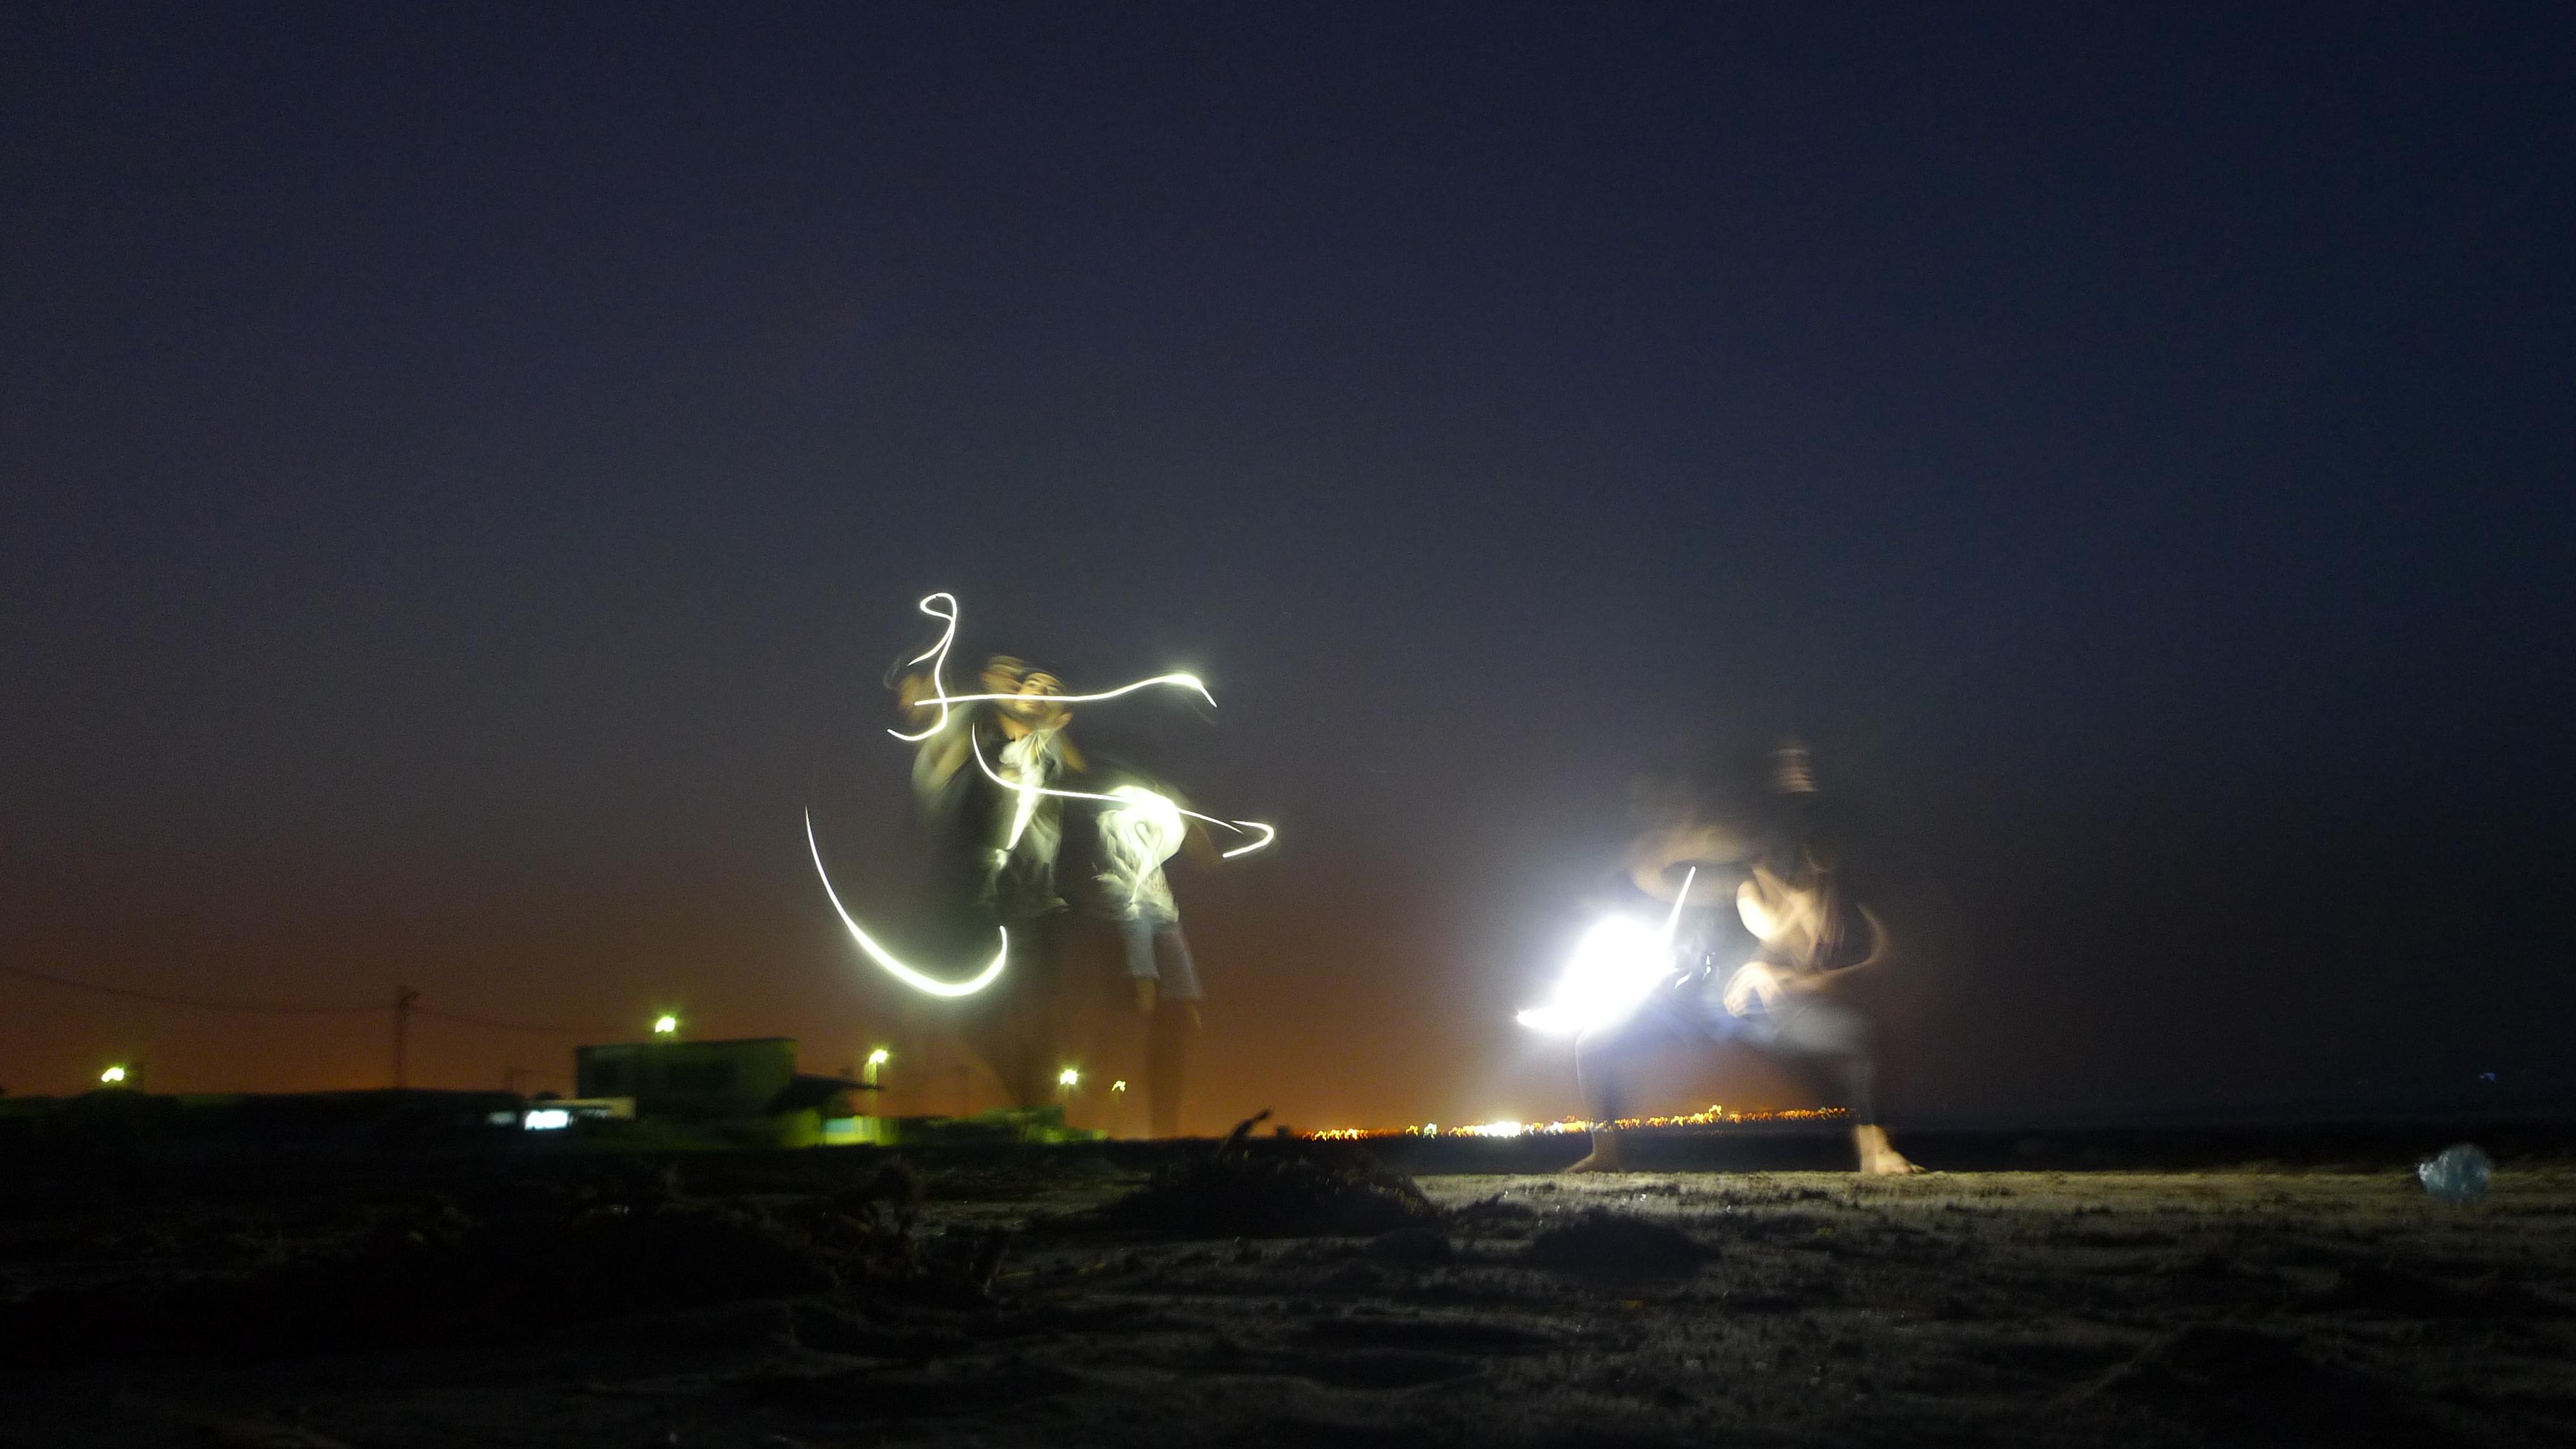 Sur la plage une performance s'improvise dans la nuit, éclairée par la lumière des téléphones portables